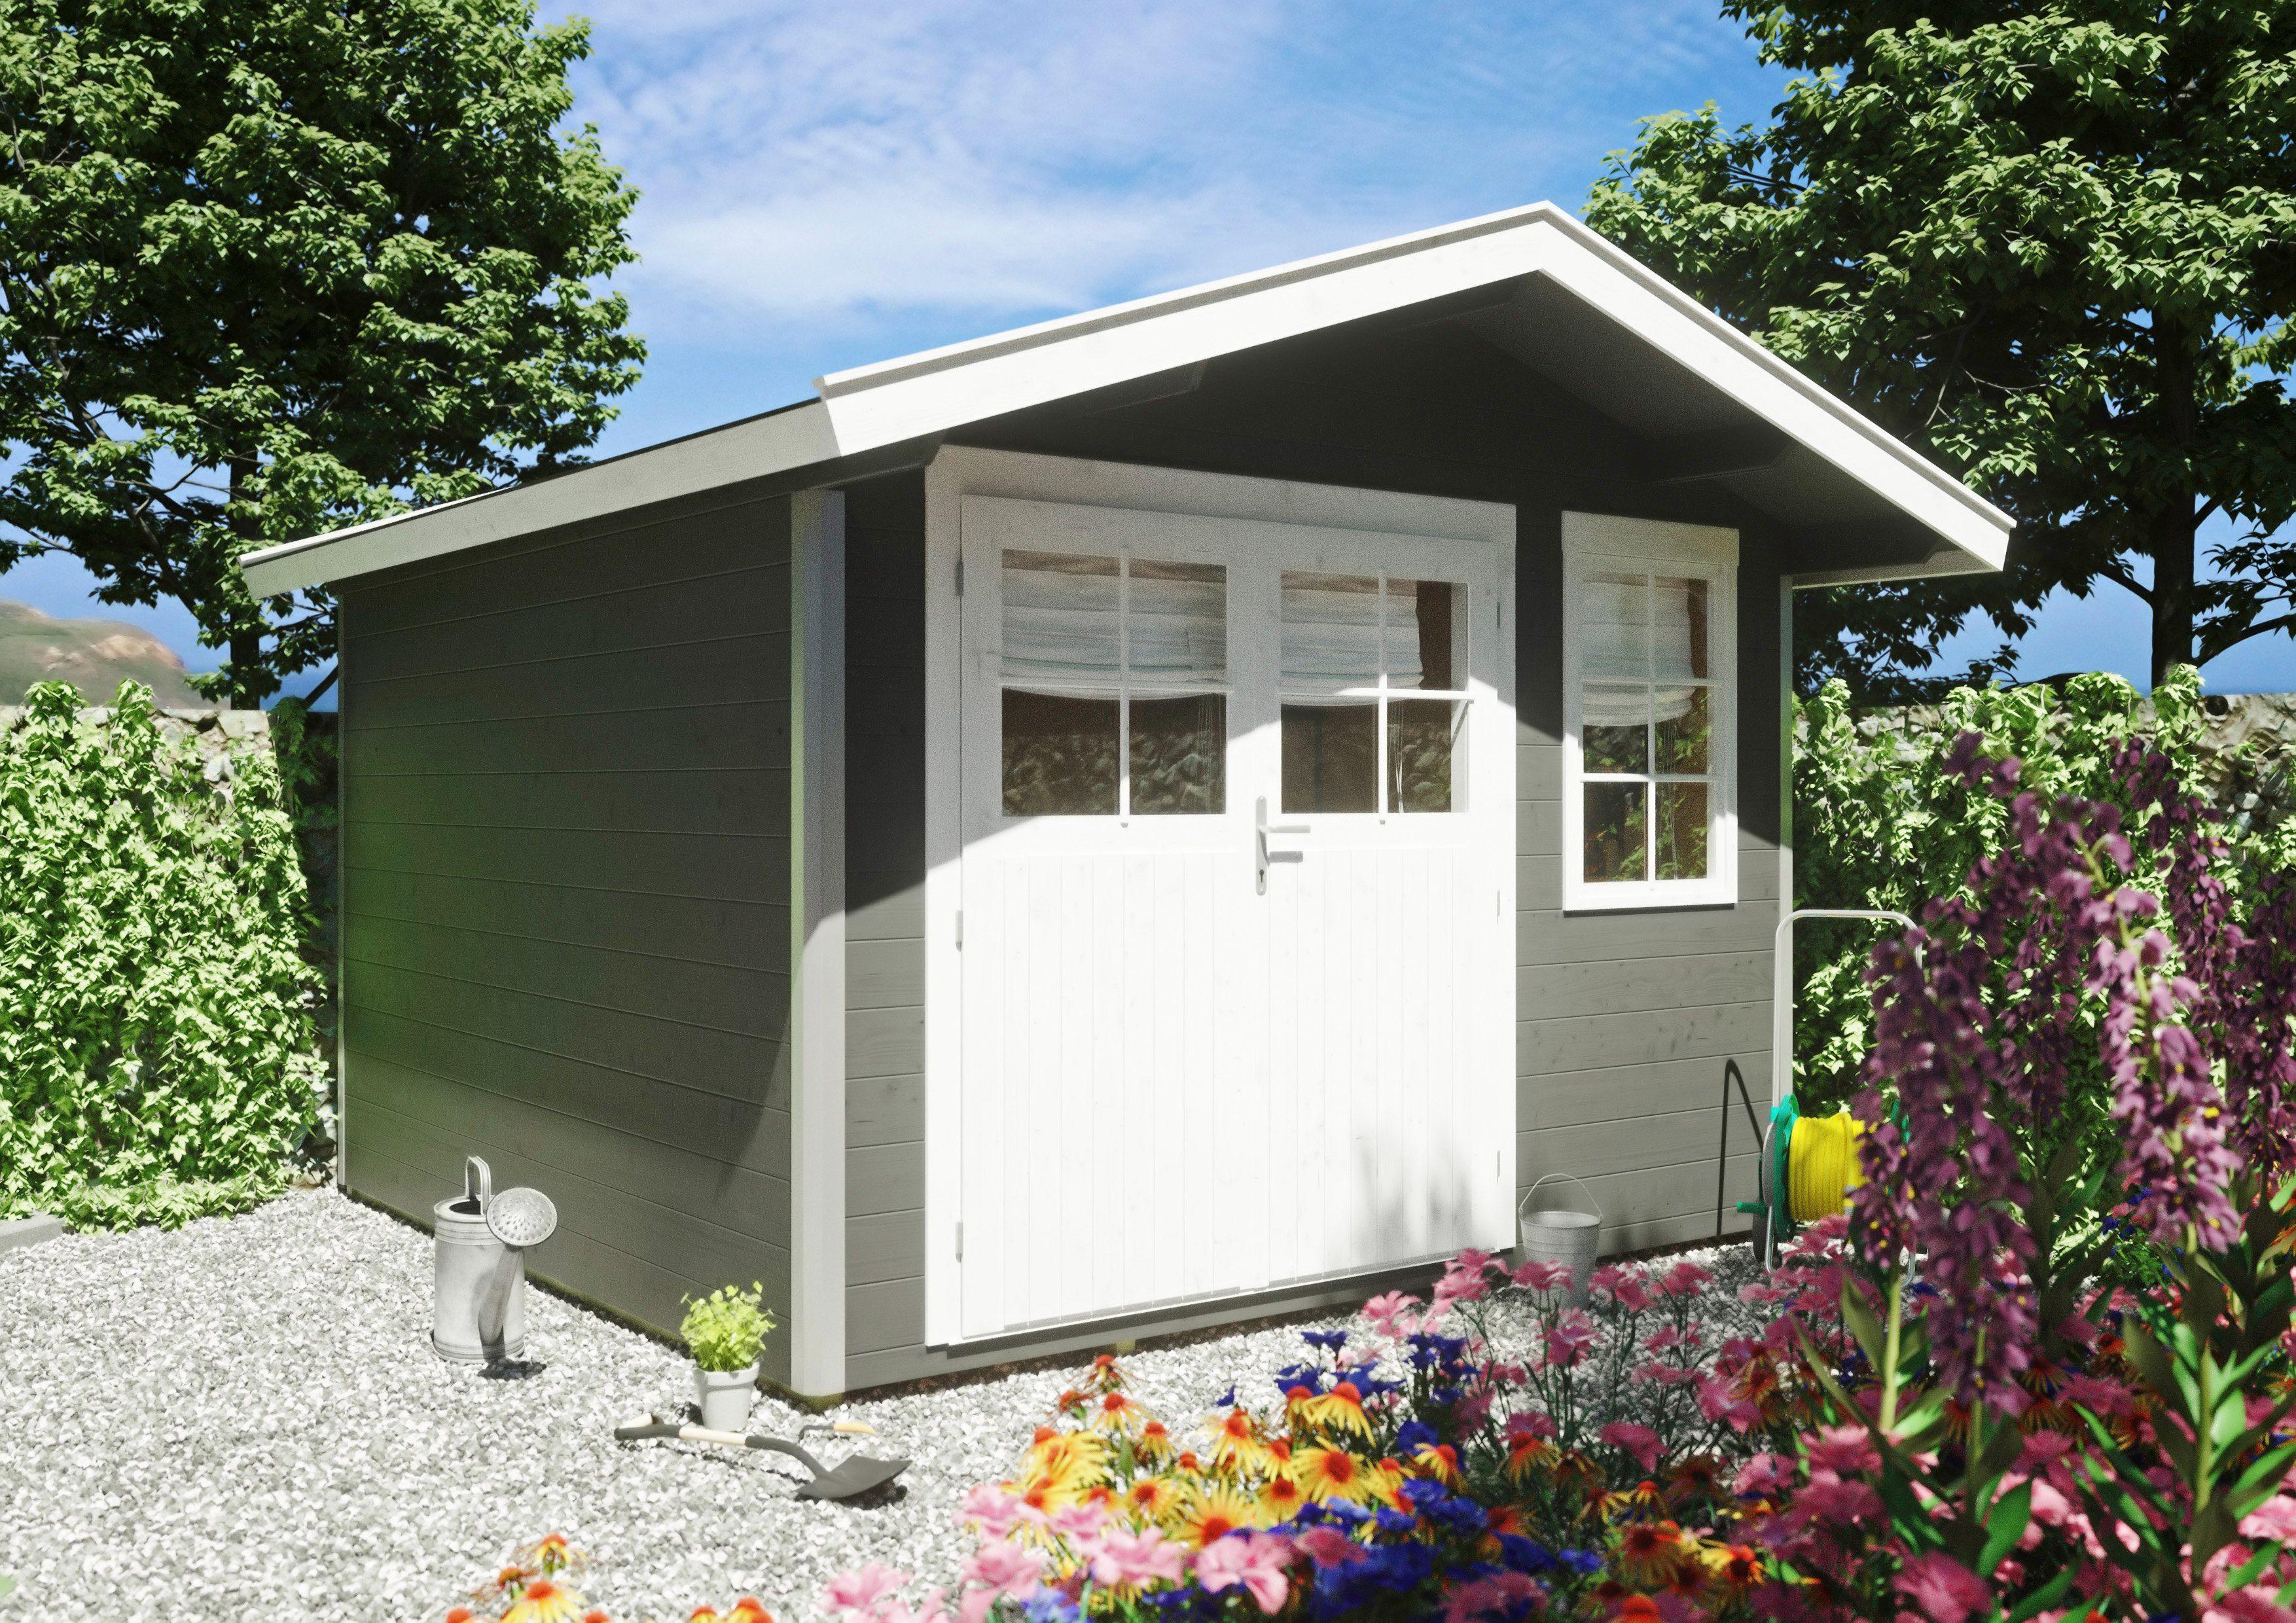 Gartenhaus Fußboden Aufbau ~ Gartenhaus bauen und aufstellen mit der anleitung von obi